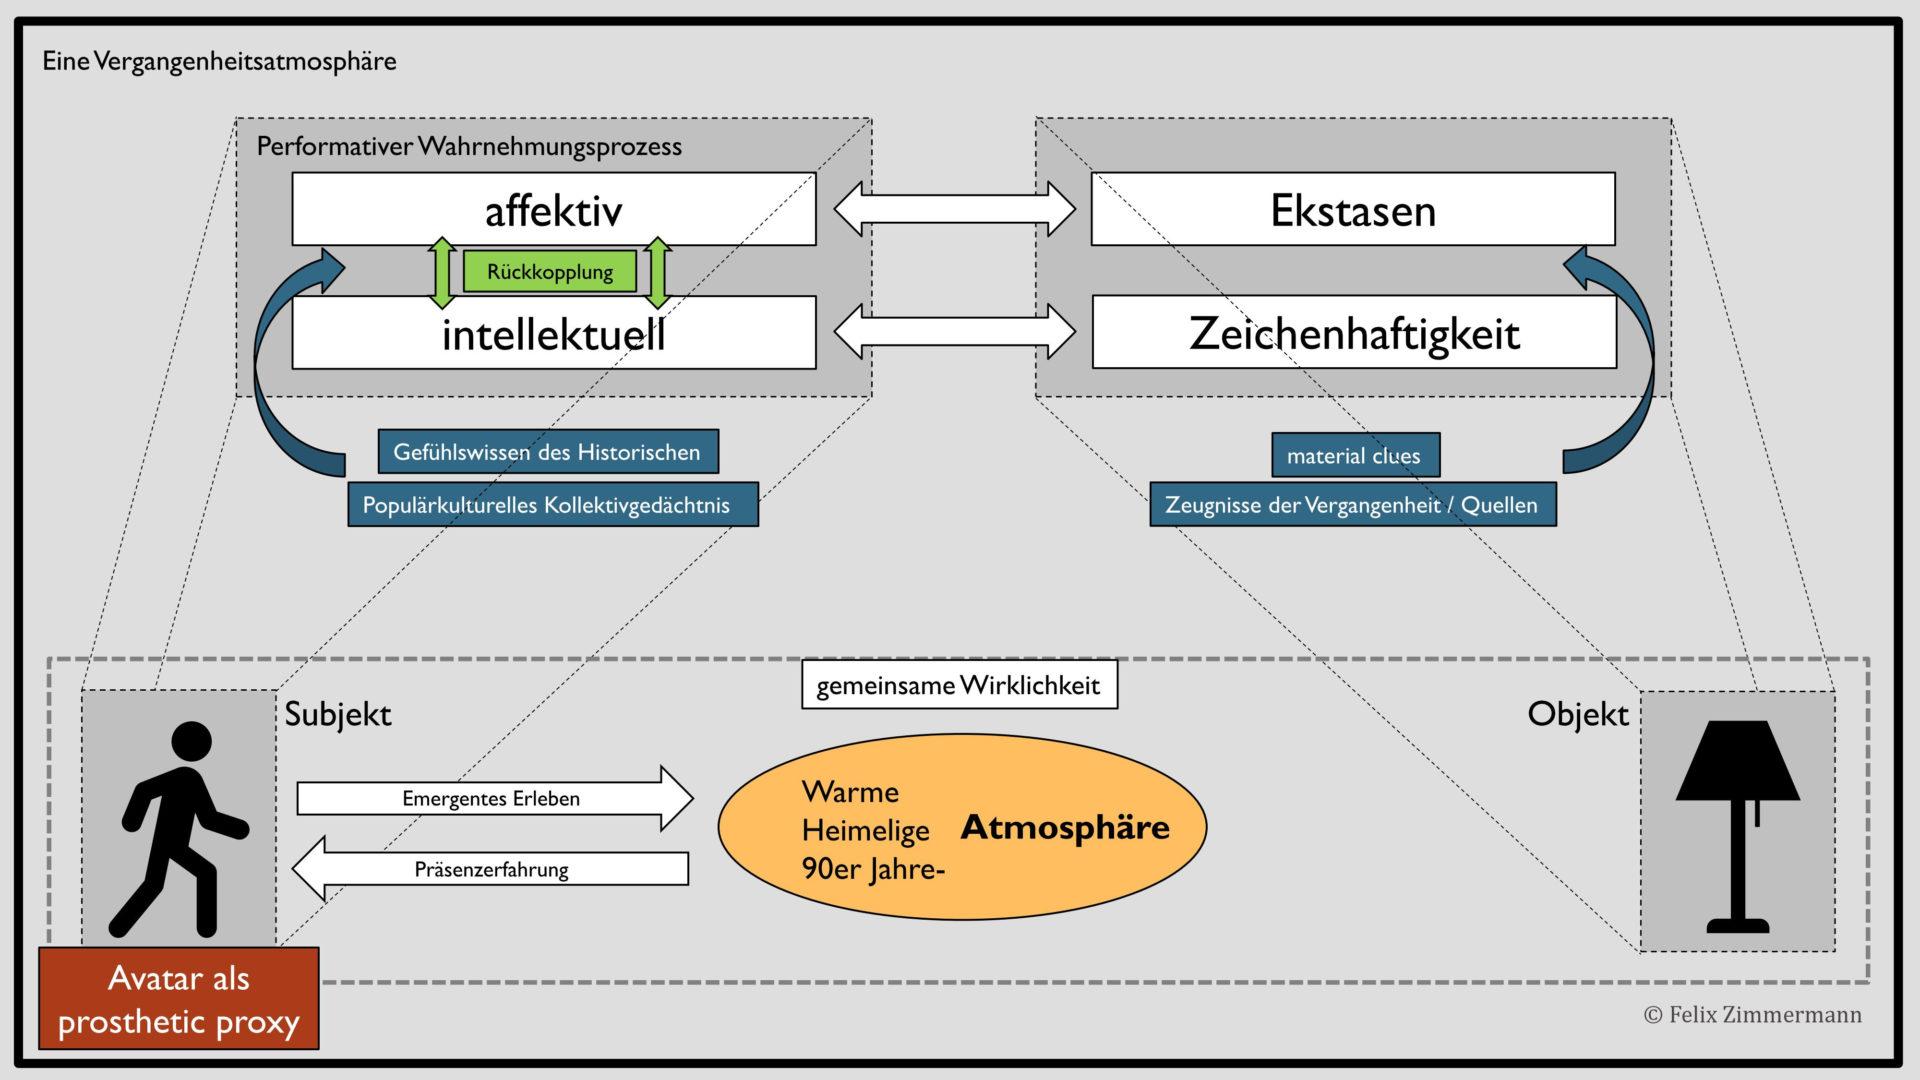 Dieses Diagramm zeigt anhand einer schematischen Darstellung einer Vergangenheitsatmosphäre die zentralen Begriffe des theoretischen Konzepts meiner Masterarbeit.